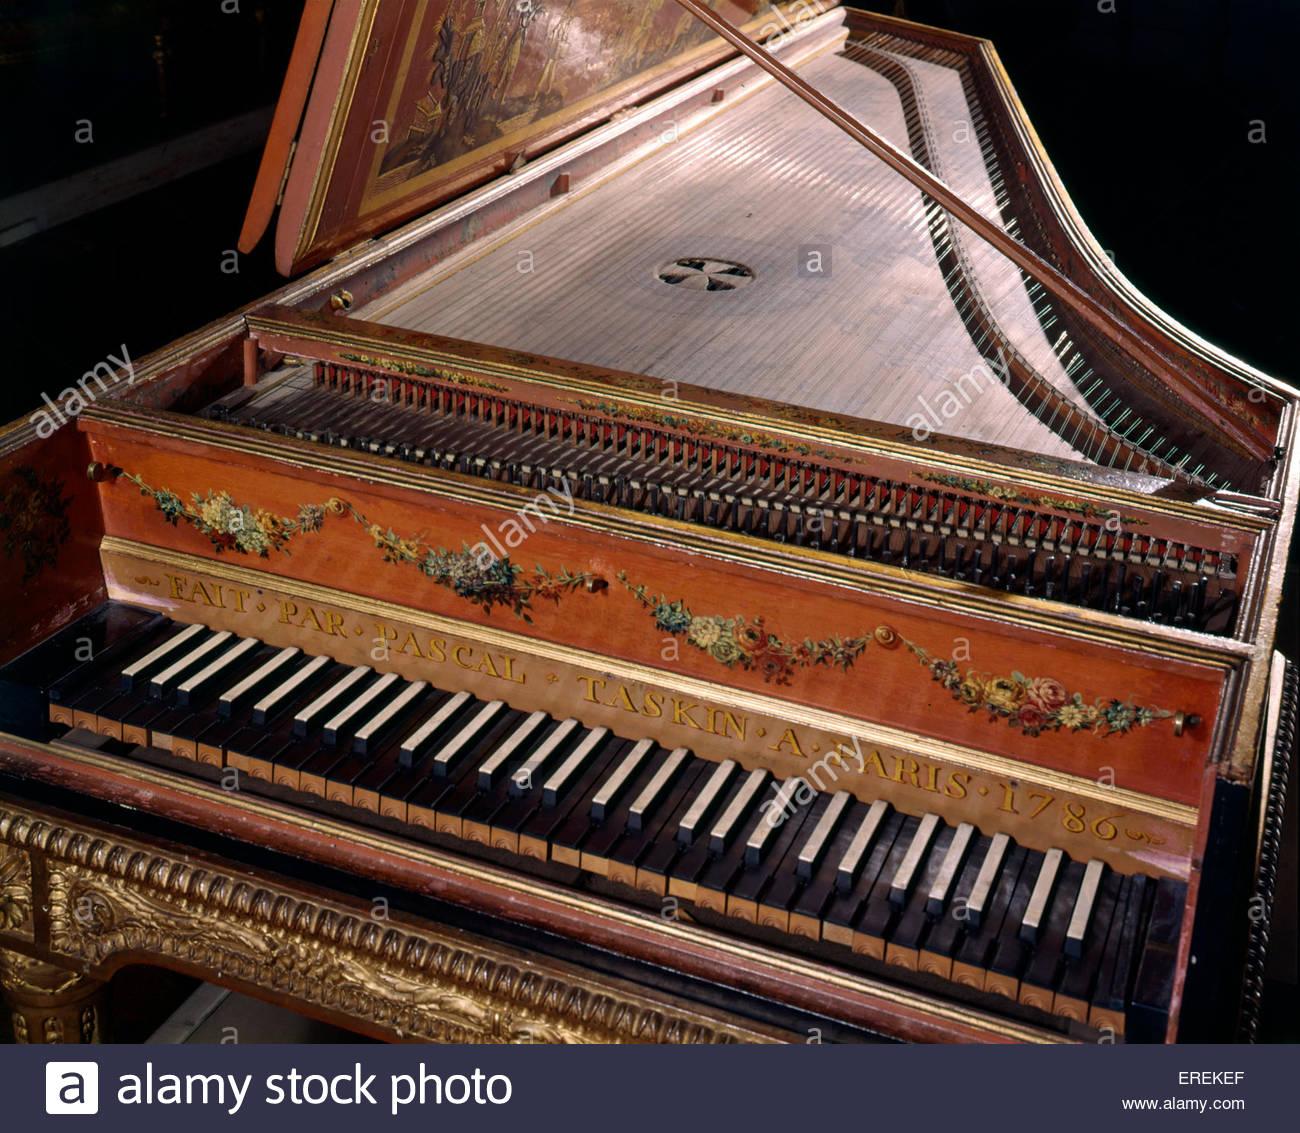 Il clavicembalo, realizzata da Pascal Taskin, Parigi 1786. (V &un museo, Londra). Immagini Stock